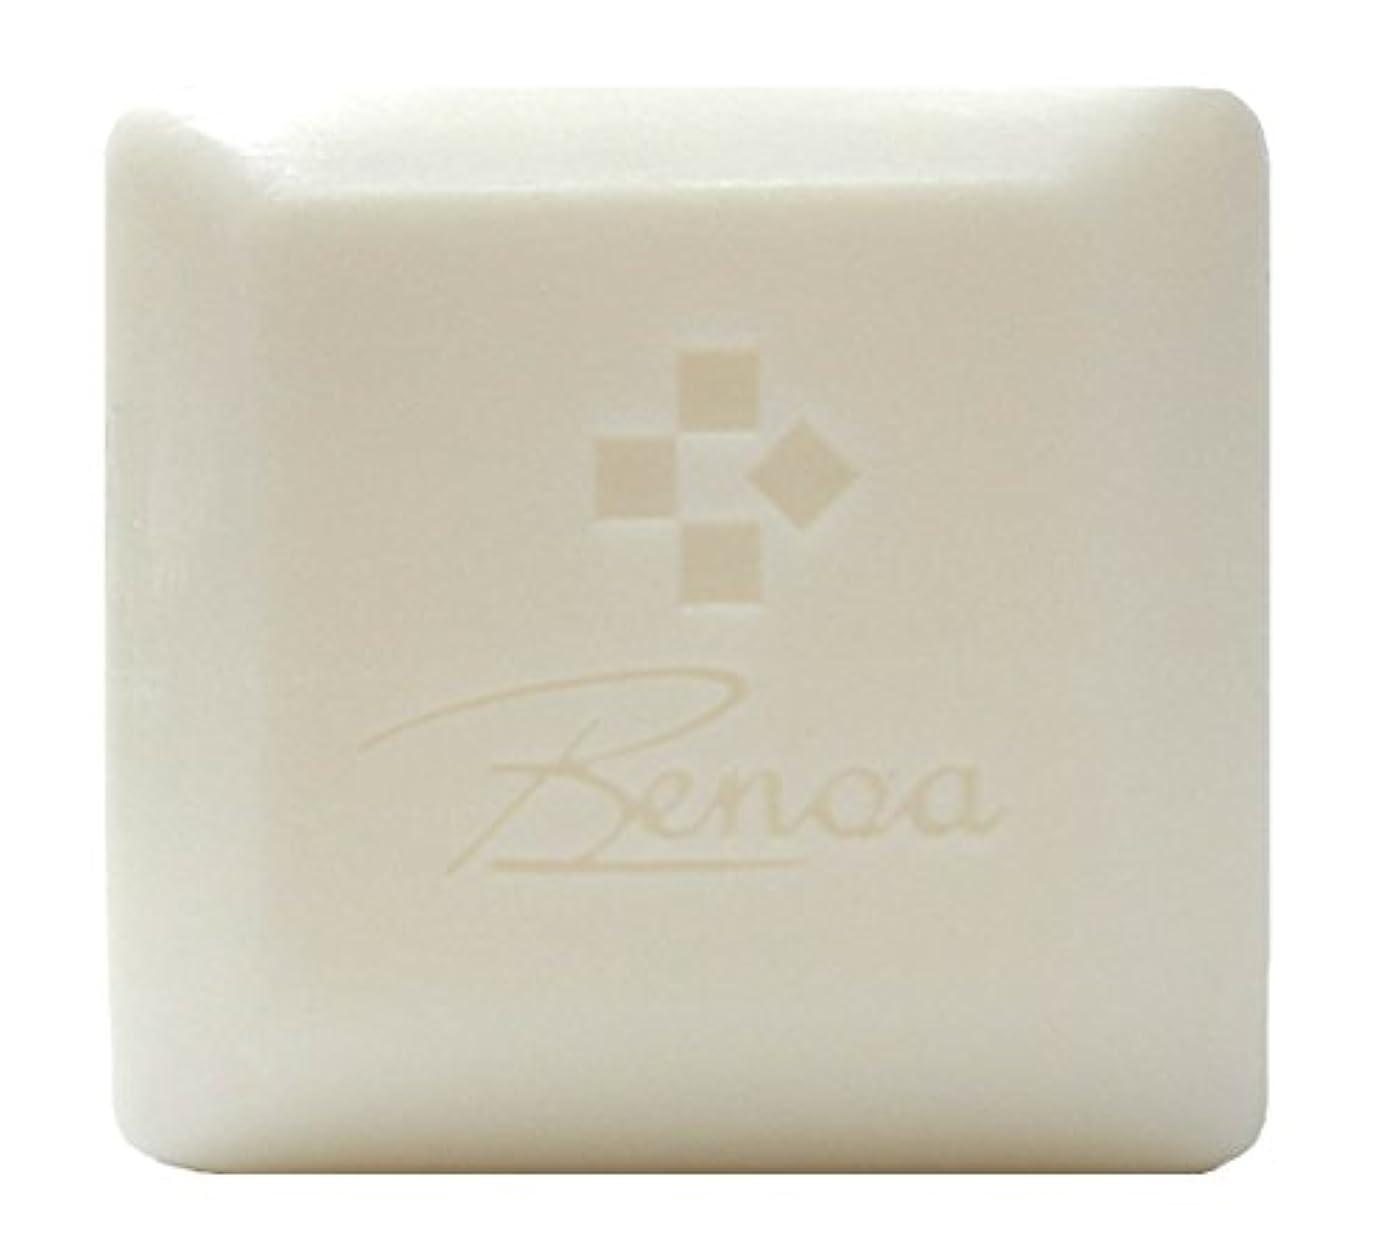 櫛追加学ぶBenoa【ベノア】ベノア?ジァパン コラーゲンソープ【石鹸】